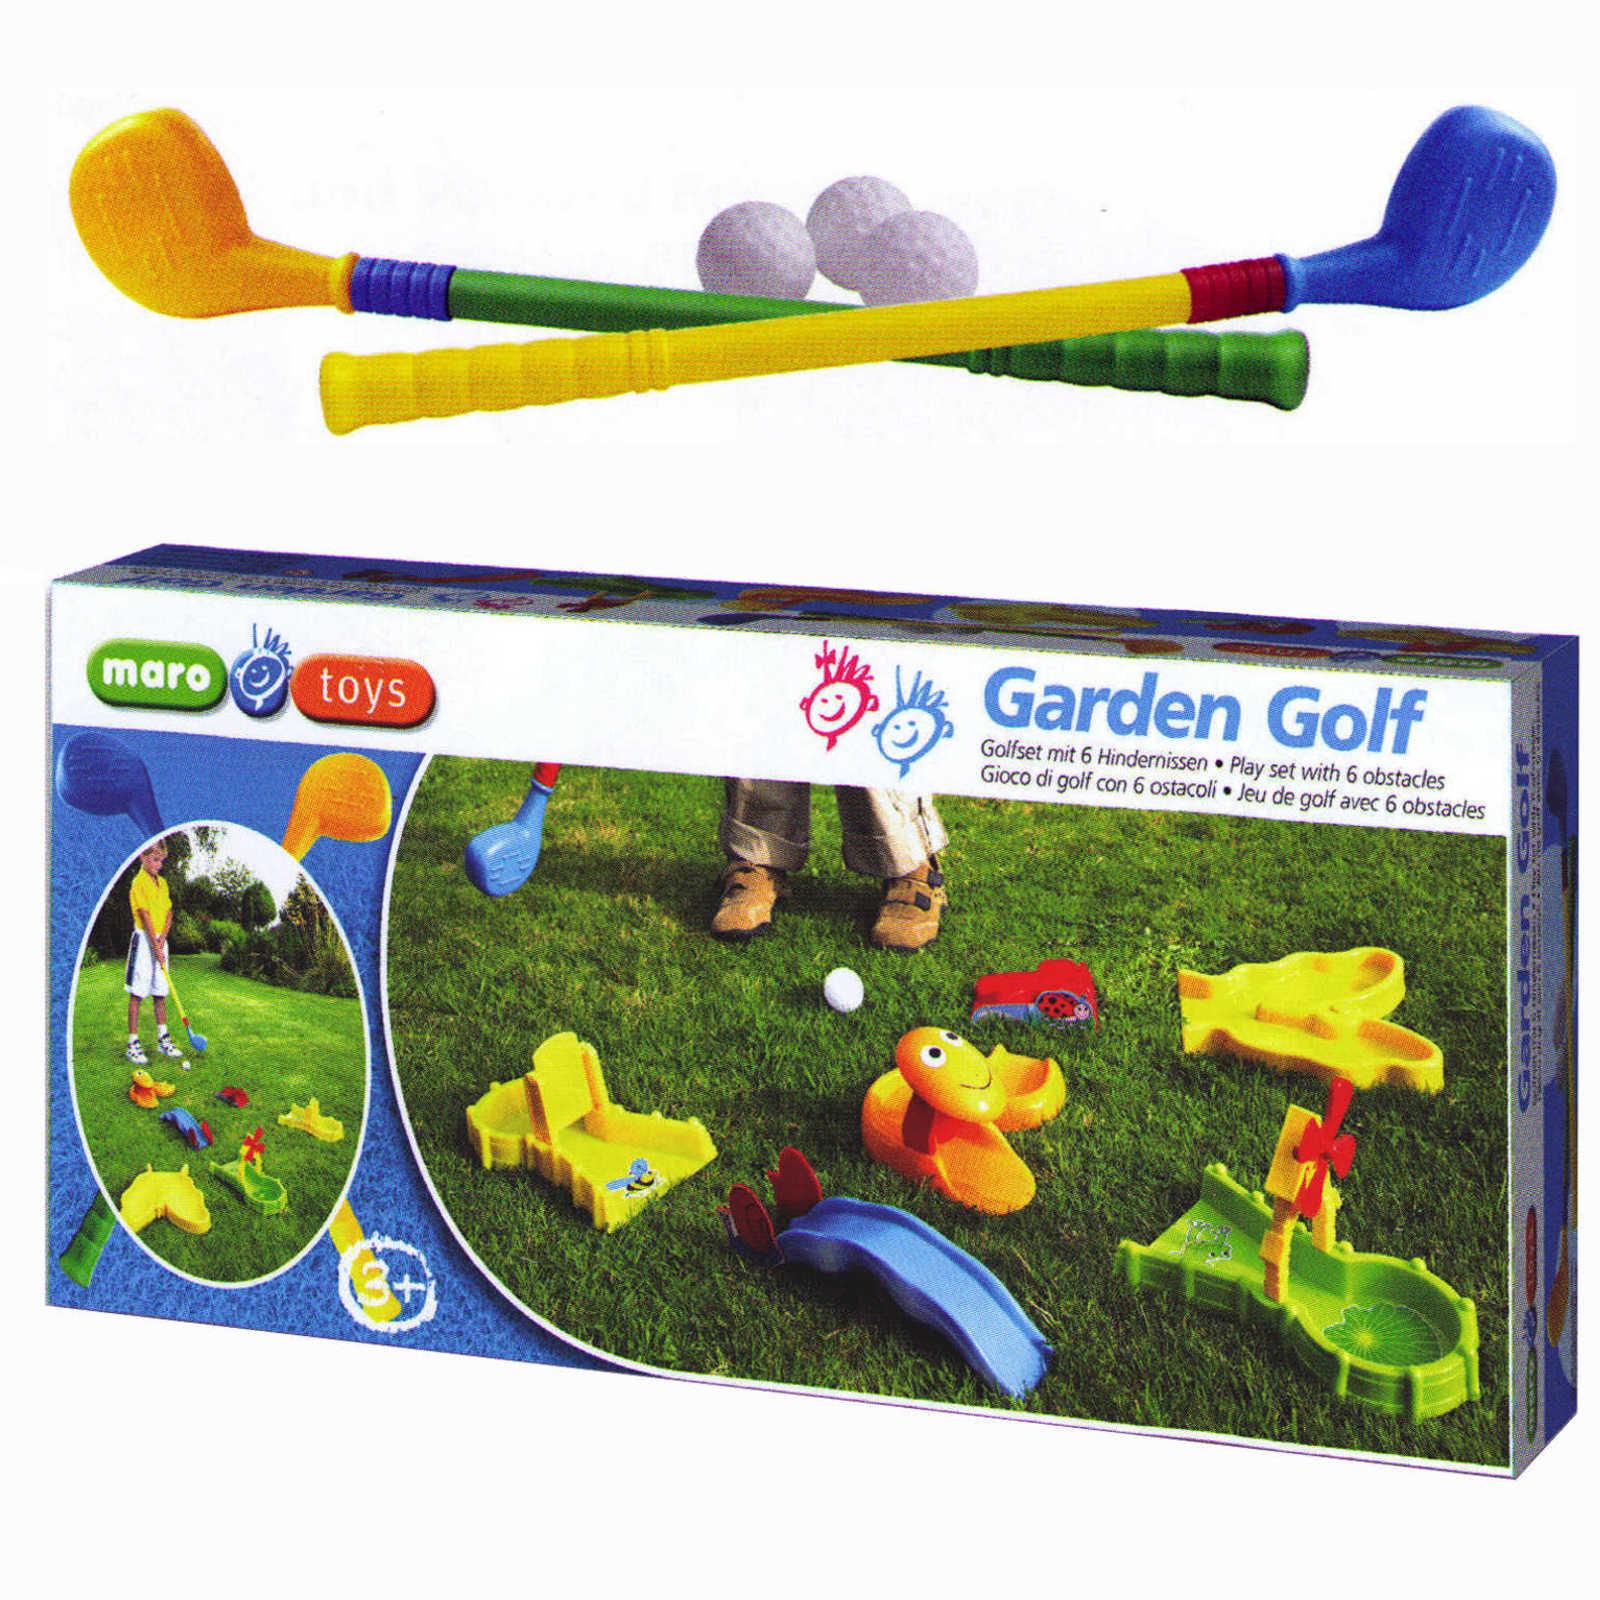 tipigra online shop garten golf minigolf indoor golfset 6 hindernisse indoor outdoor. Black Bedroom Furniture Sets. Home Design Ideas